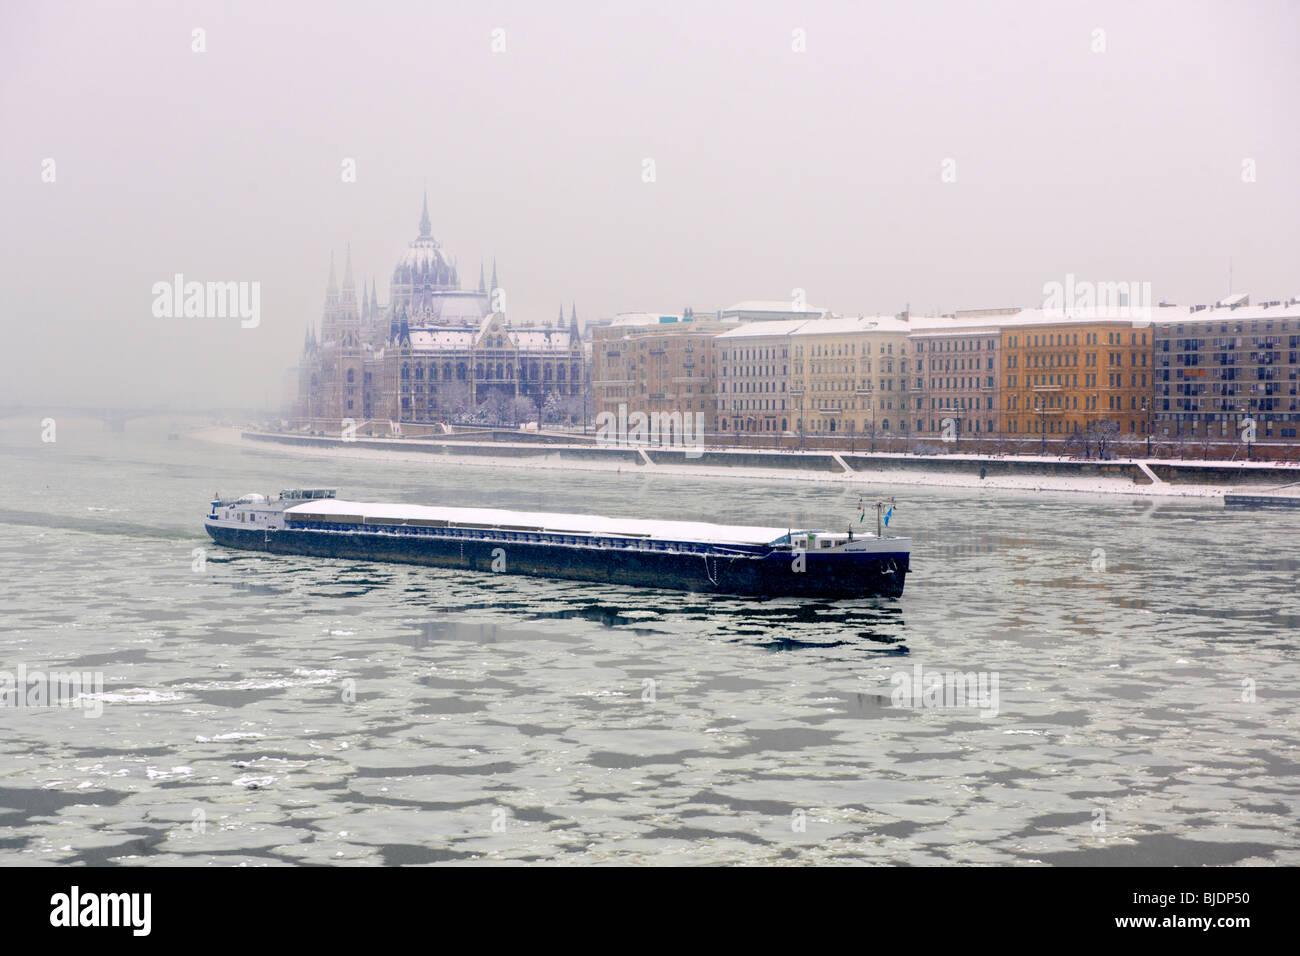 Auf der zugefrorenen Donau und Winterschnee Eis. Budapest Winter Fotos Stockbild